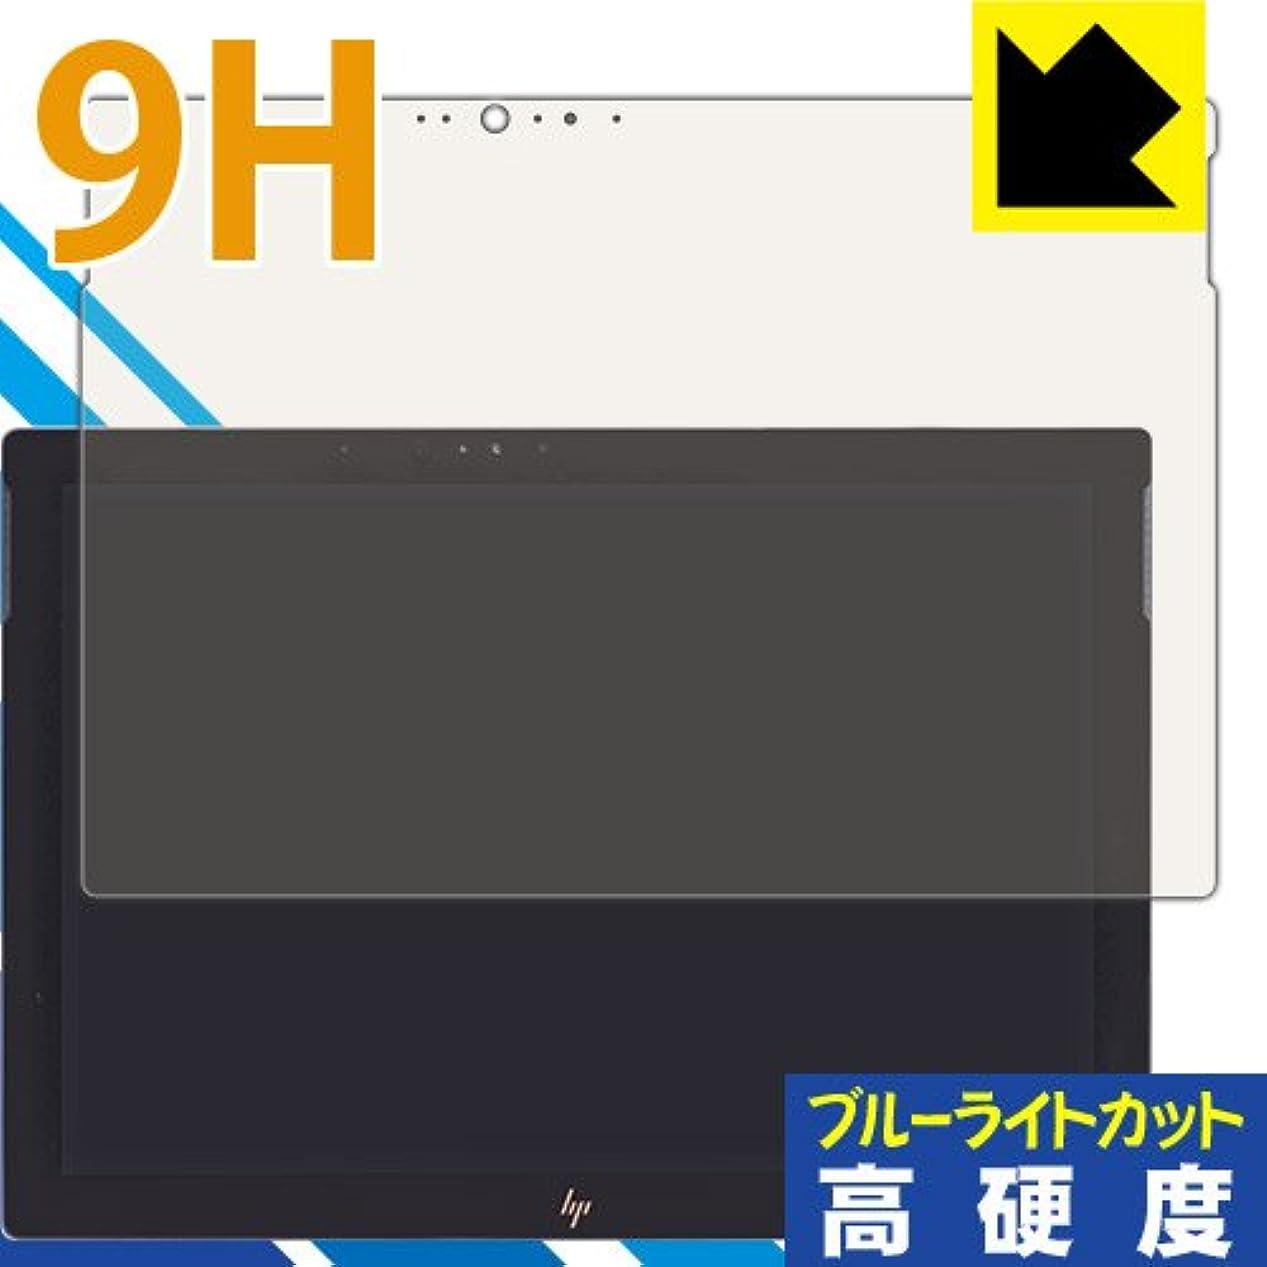 ナチュラ読書をする謎めいた表面硬度9Hフィルムにブルーライトカットもプラス 9H高硬度[ブルーライトカット]保護フィルム HP Spectre x2 12-c000シリーズ 日本製